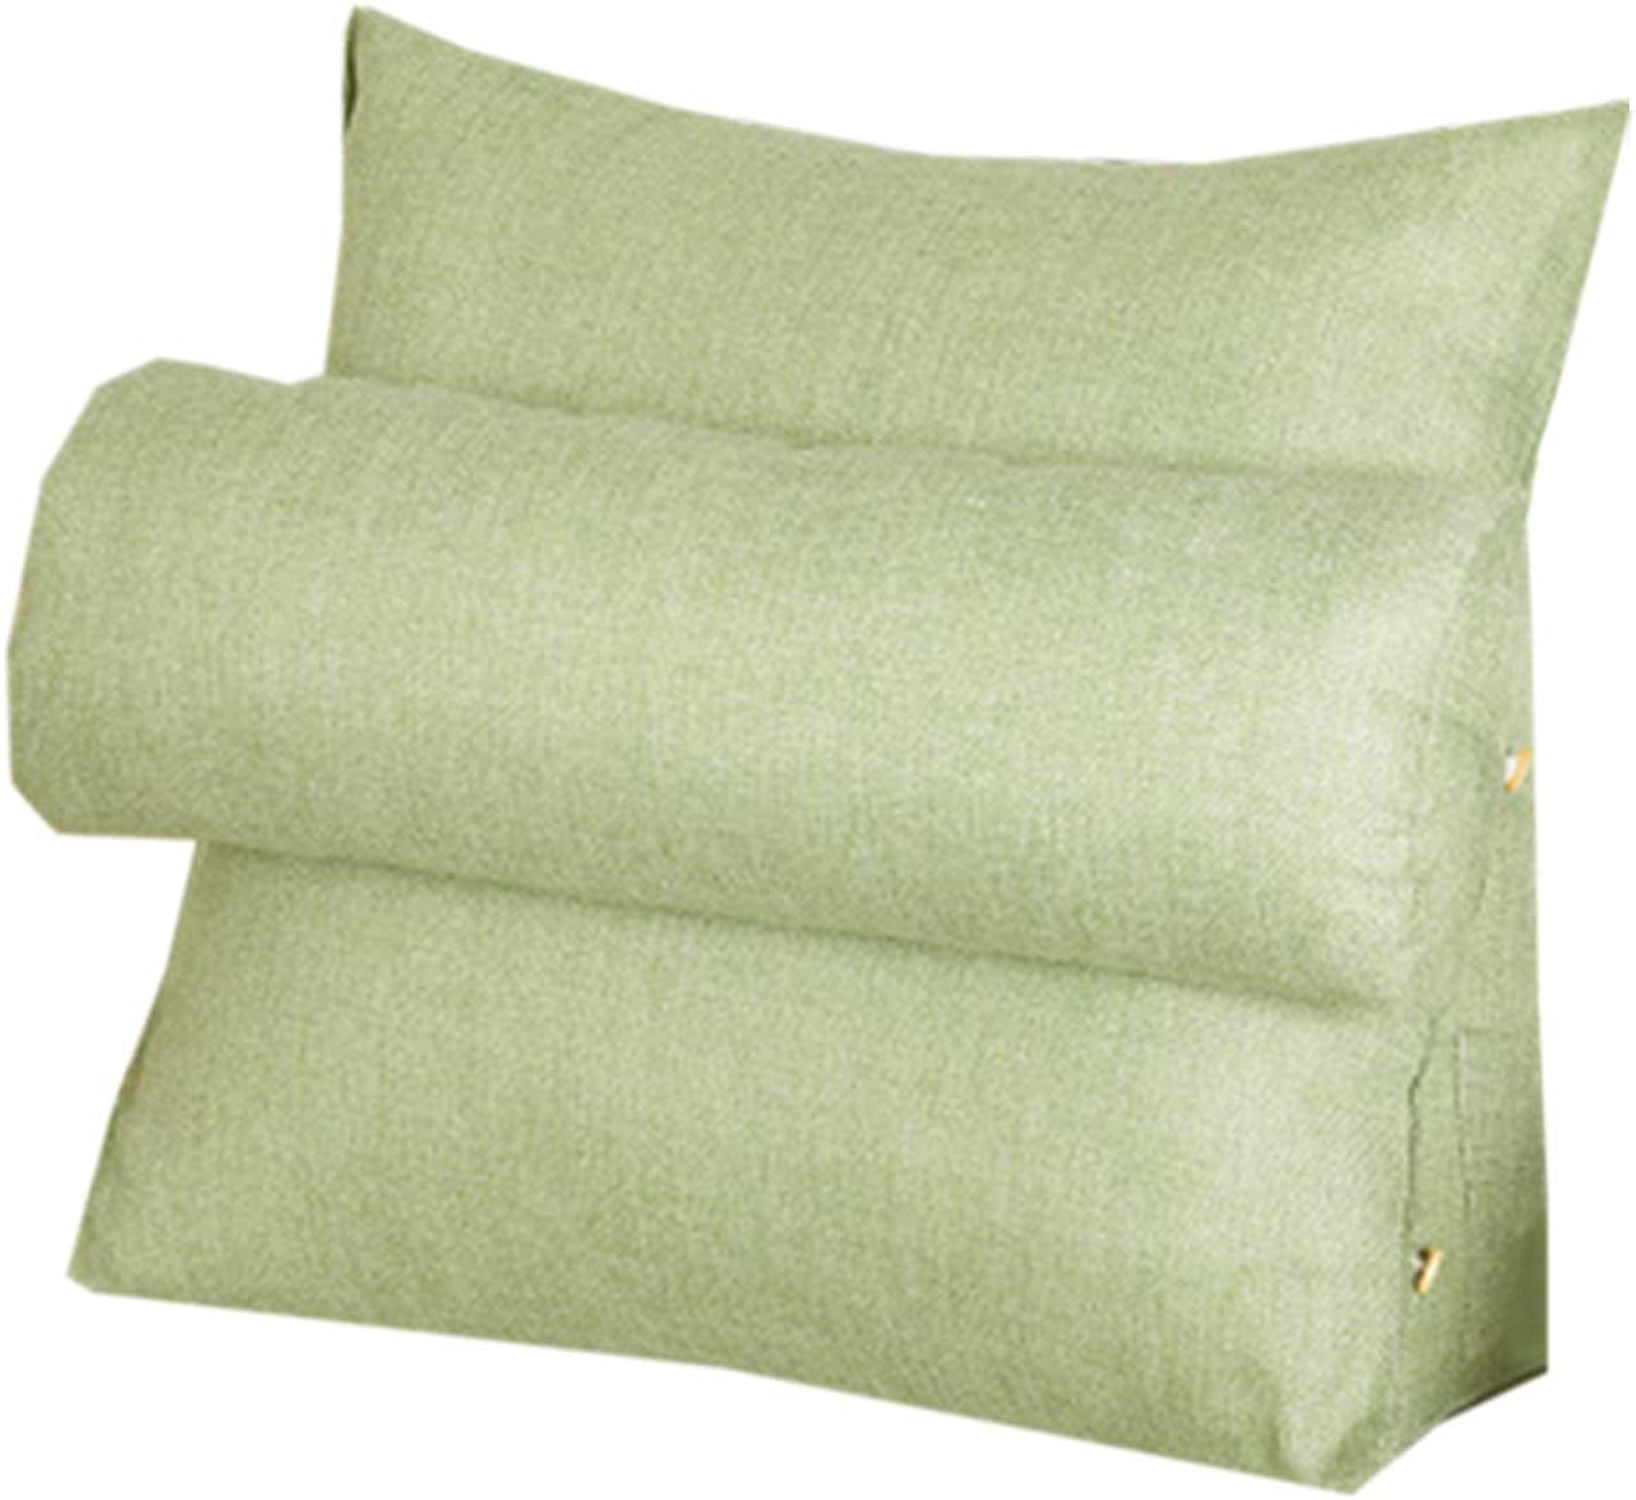 JYW-kaodian Coussin Triangle de Chevet Chambre Double Canapé Sac Souple Amovible Disponible en 6 Couleurs, 3 Tailles,vert,20  50  60cm